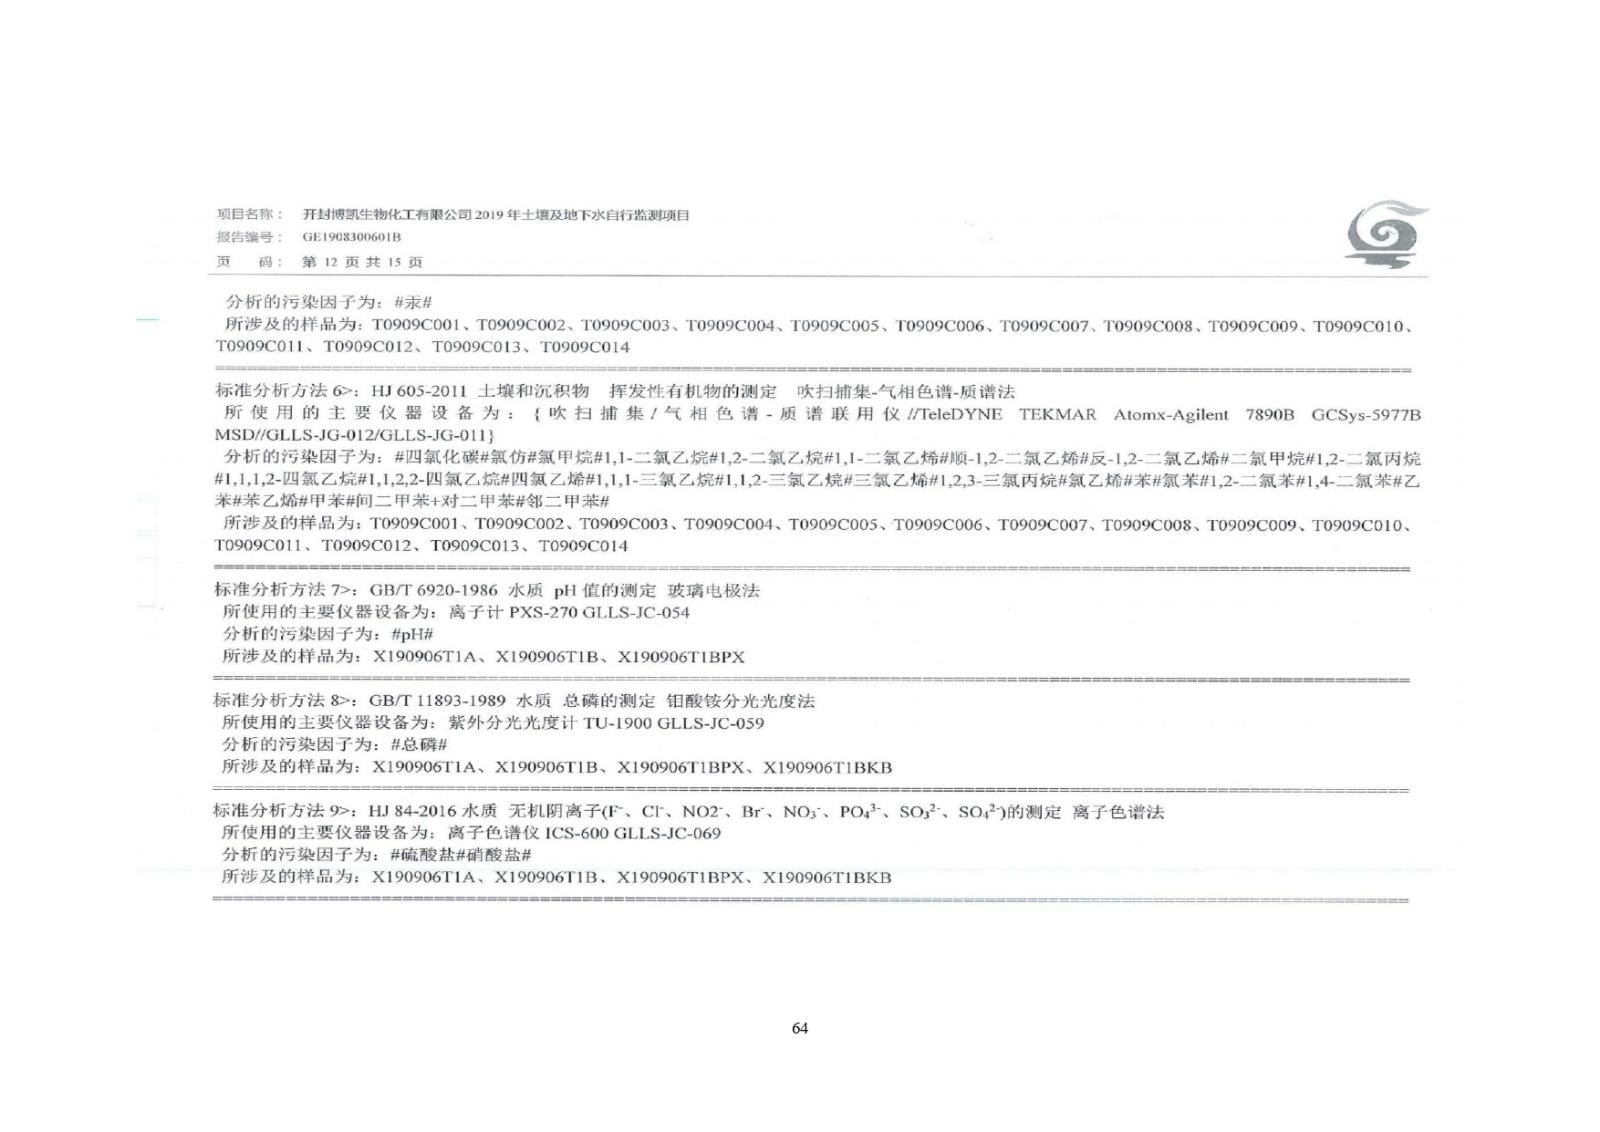 土壤环境自行监测报告